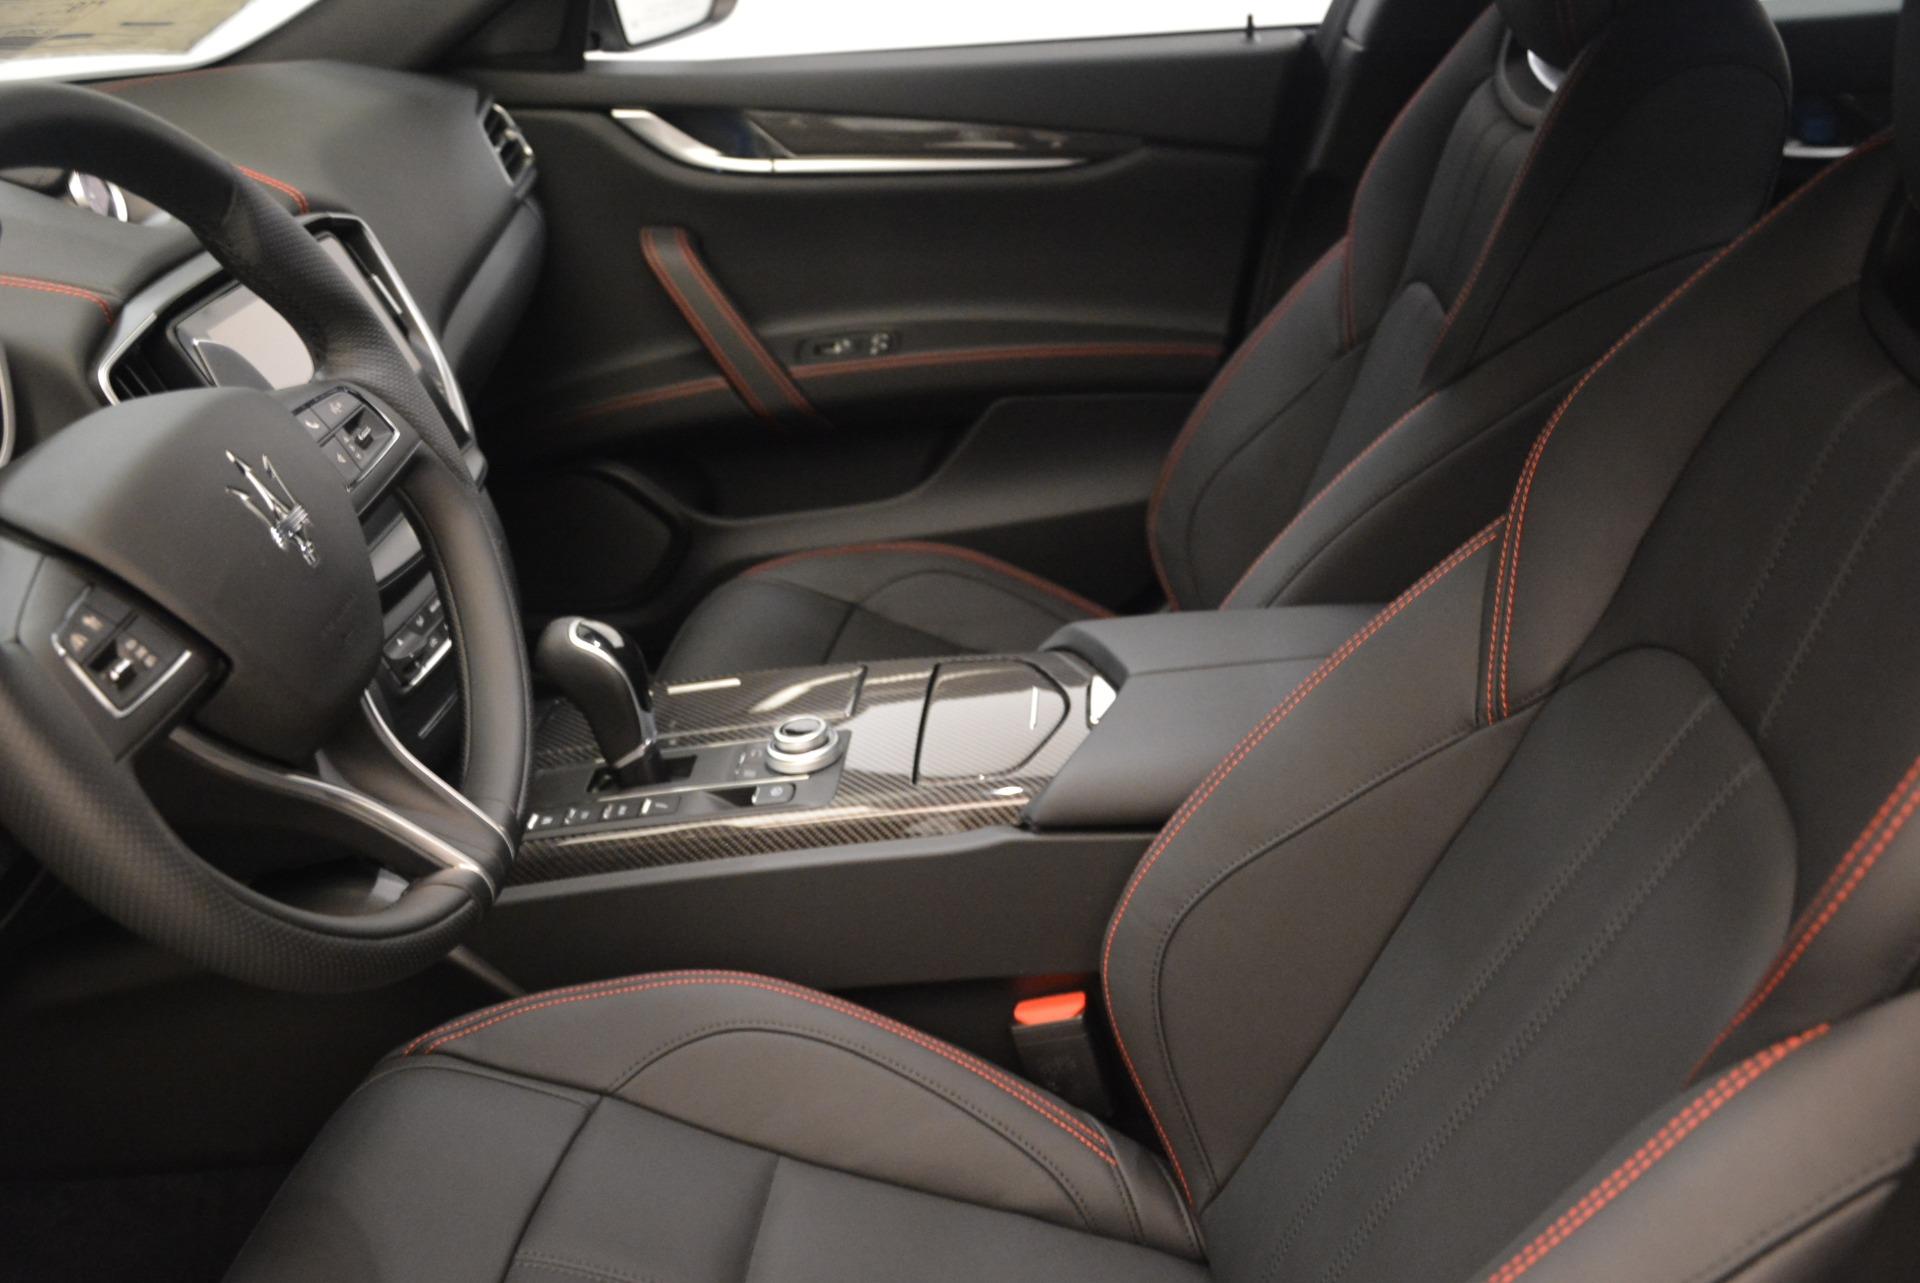 New 2018 Maserati Ghibli SQ4 GranSport Nerissimo For Sale In Greenwich, CT 2278_p14